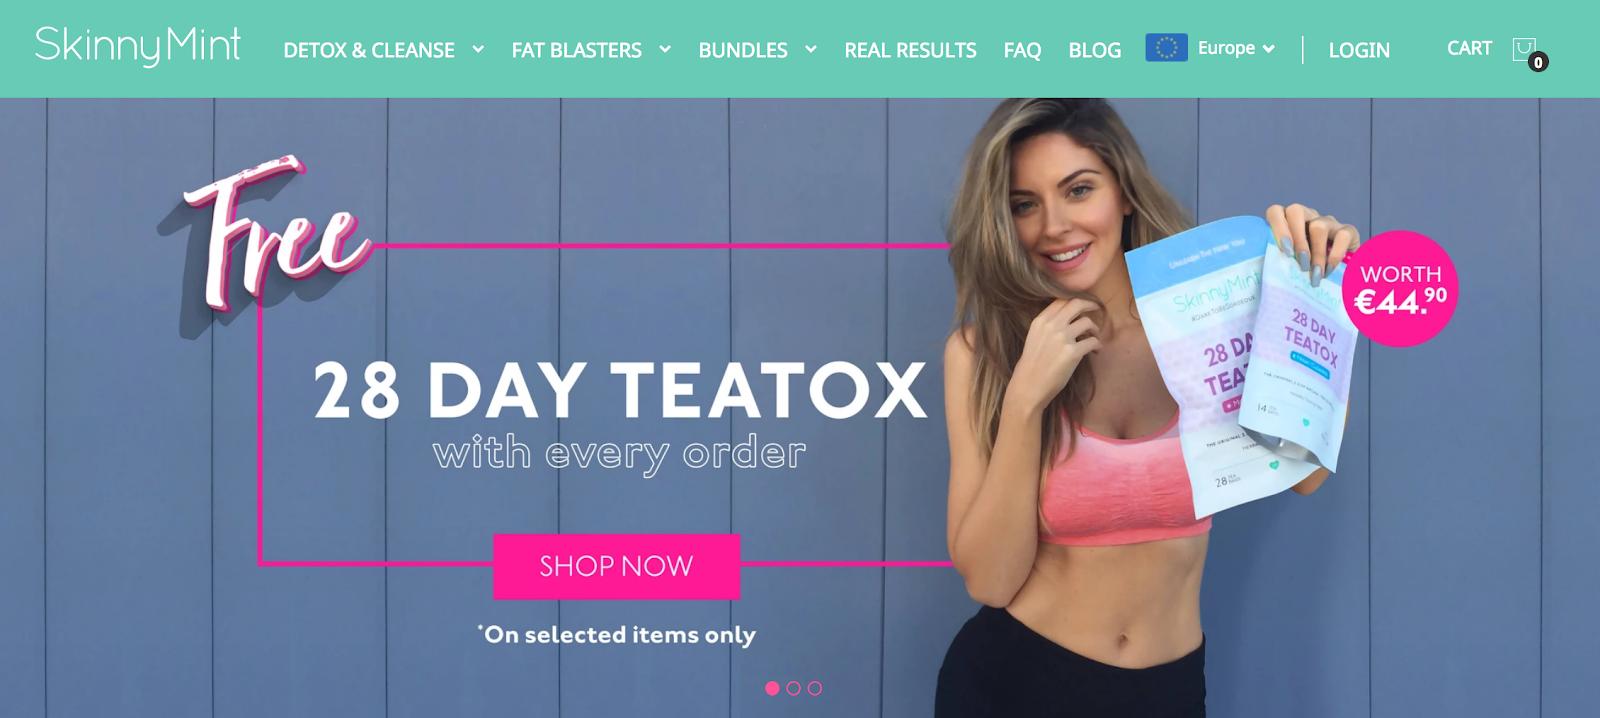 SkinnyMint - Free 28-Day Teatox